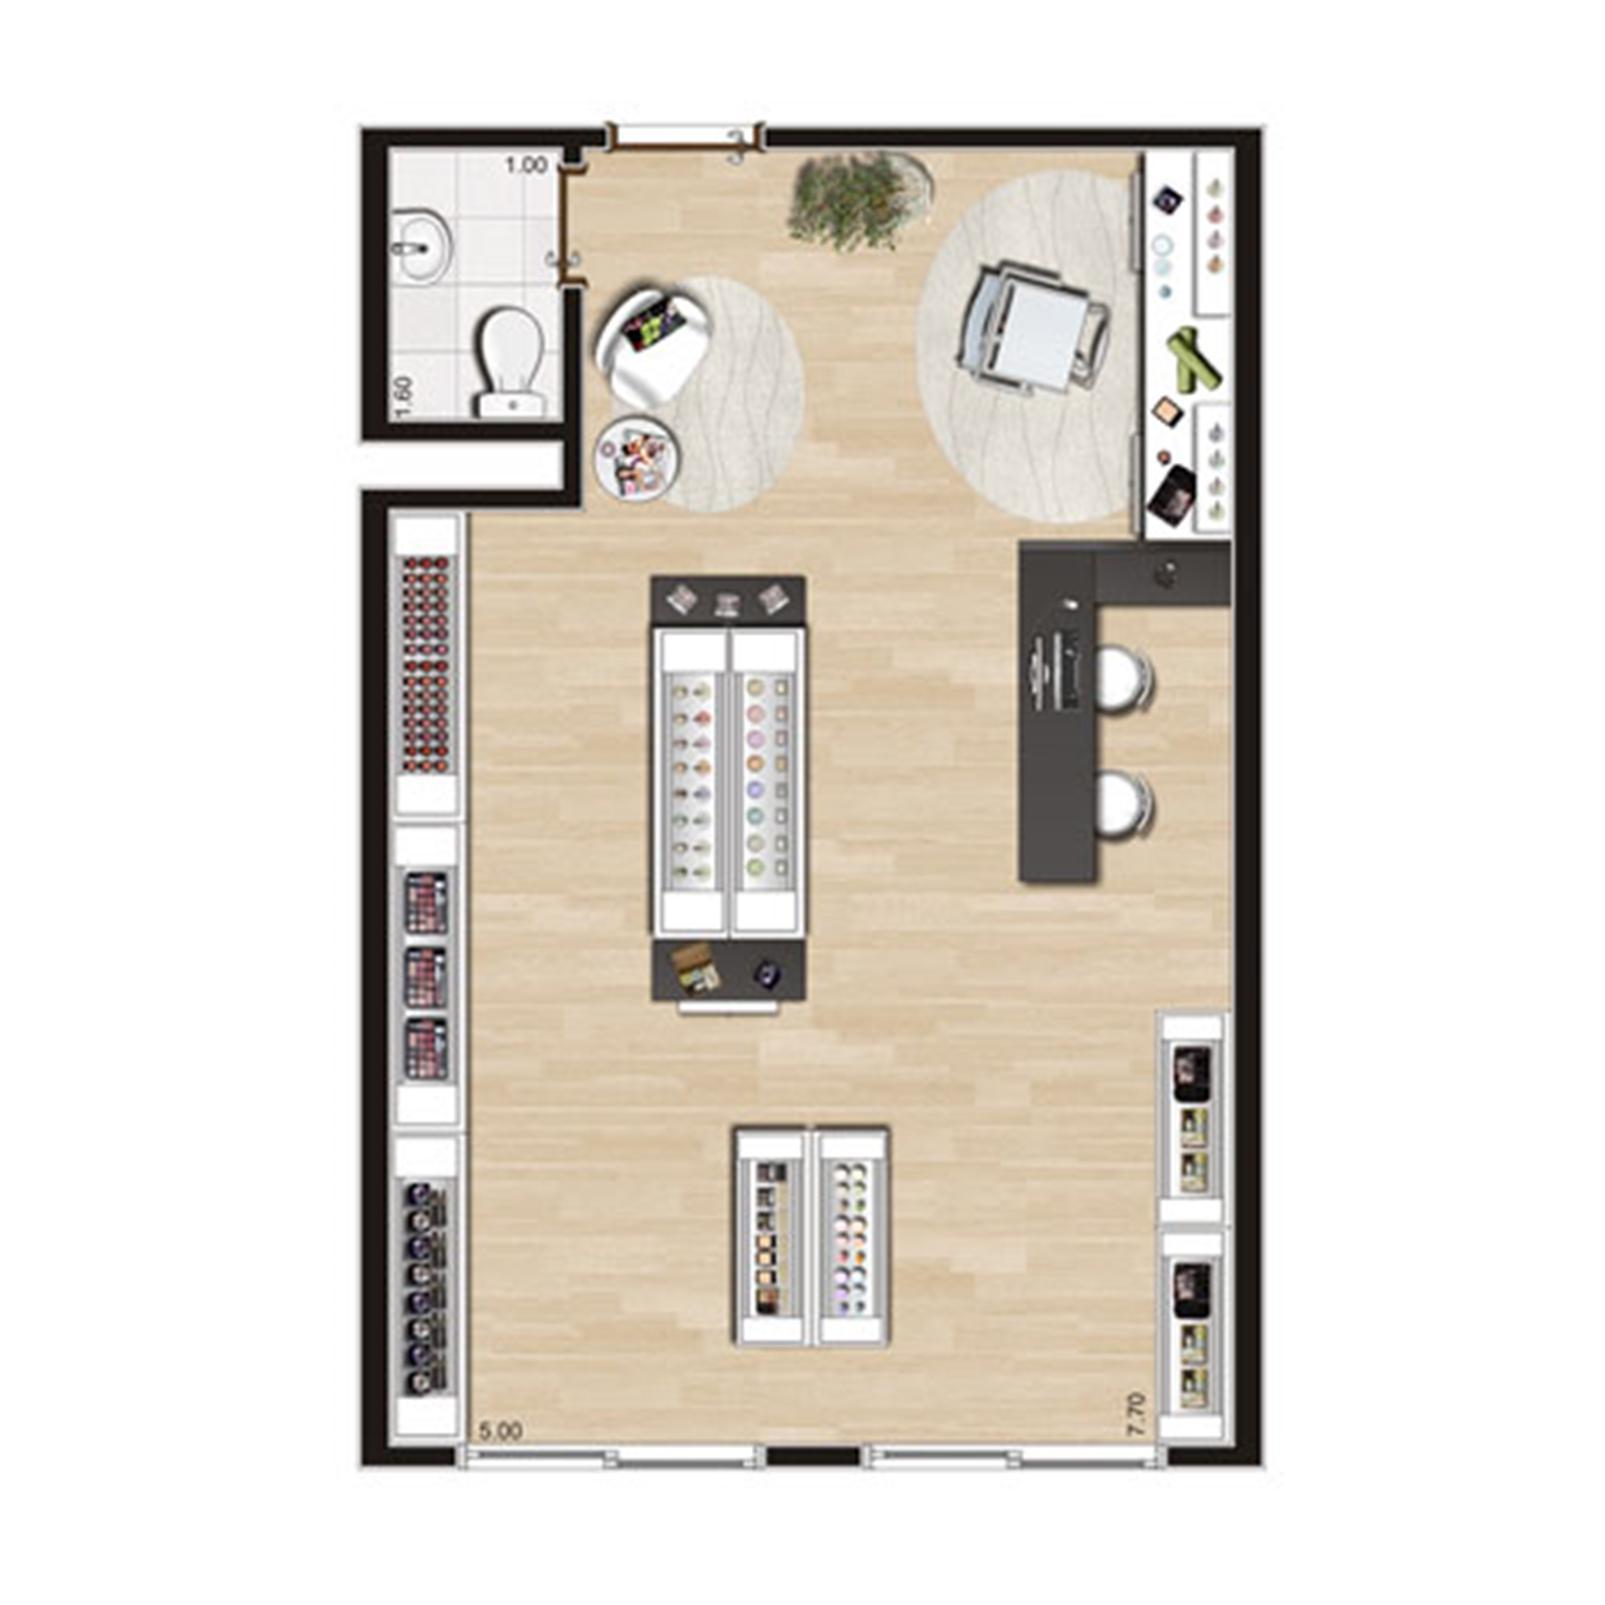 Loja de 41 m² final 2 | Luzes da Mooca - Atrio Giorno – Salas Comerciaisna  Mooca - São Paulo - São Paulo